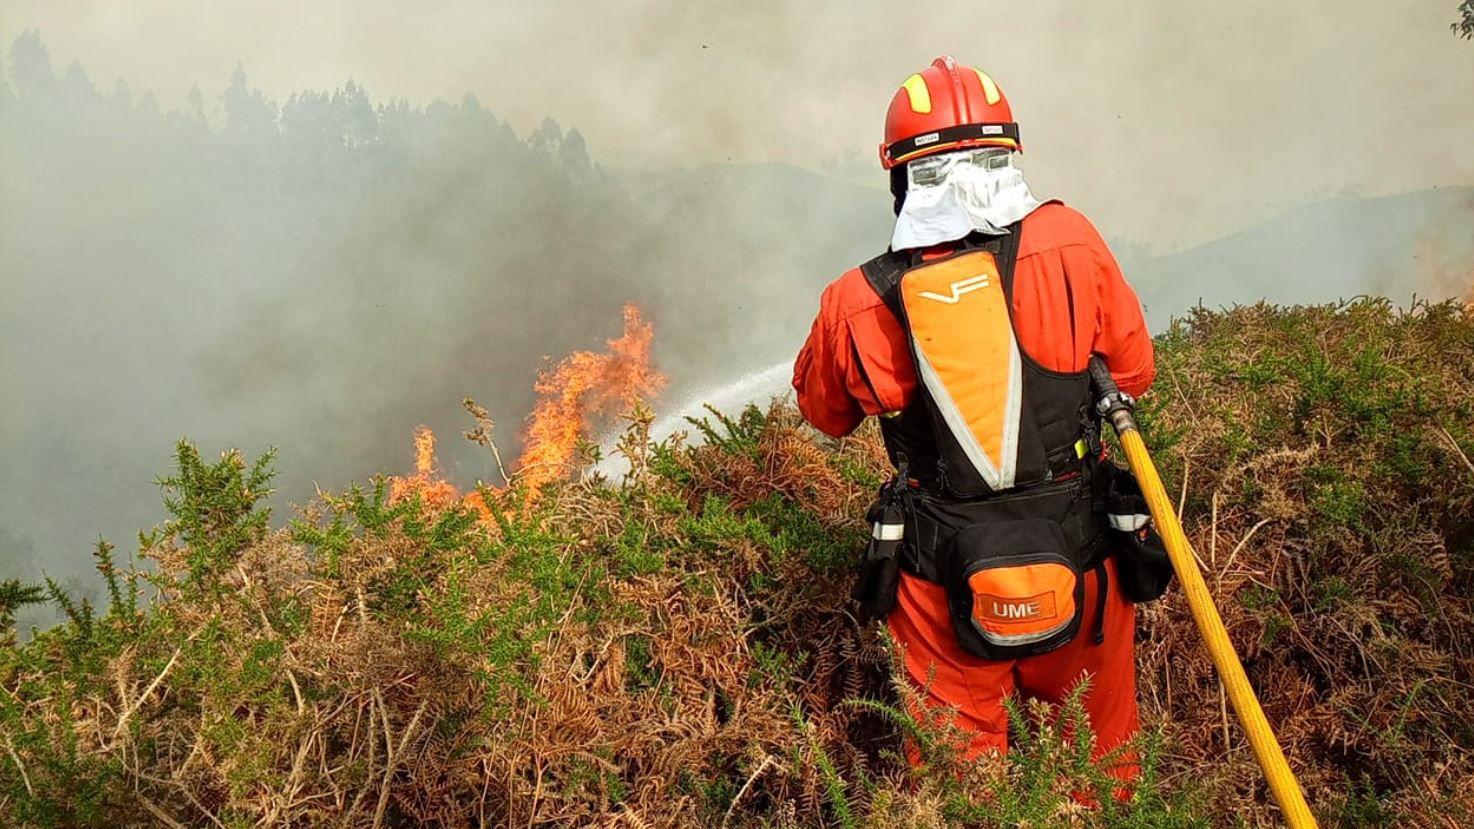 Efectivos de la UME en Naves realizadon labores de ataque directo al fuego con herramienta manual y autobomba